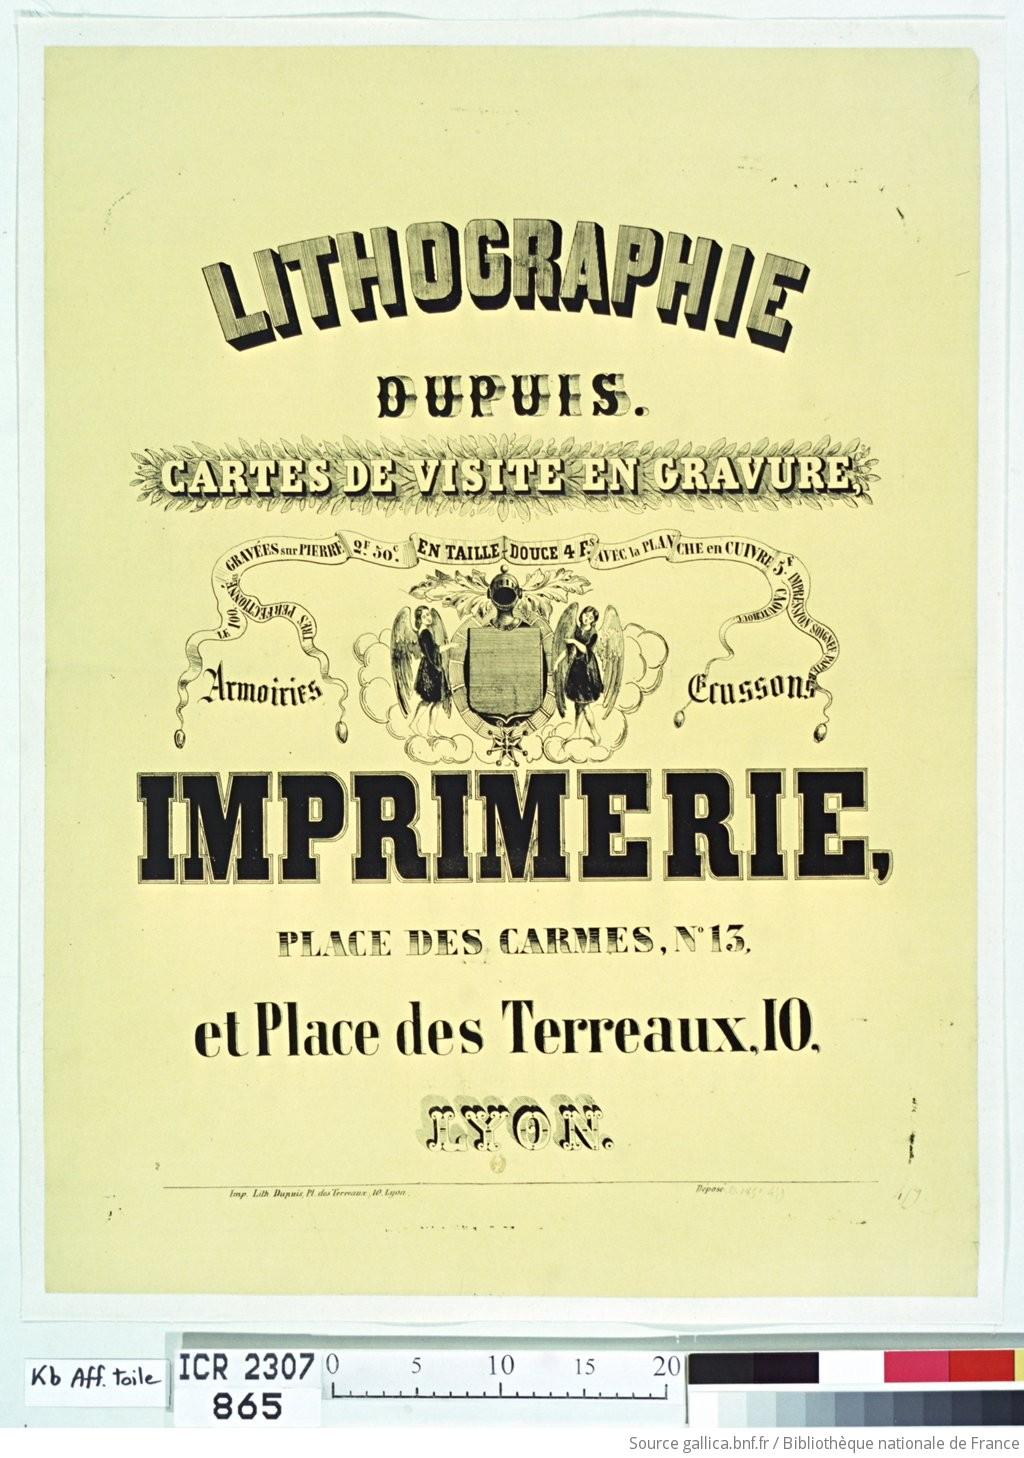 Lithographie Dupuis Carte De Visite En Gravure Imprimerie Place Des Carmes N13 Et Terreaux 10 Lyon Affiche Non Identifie